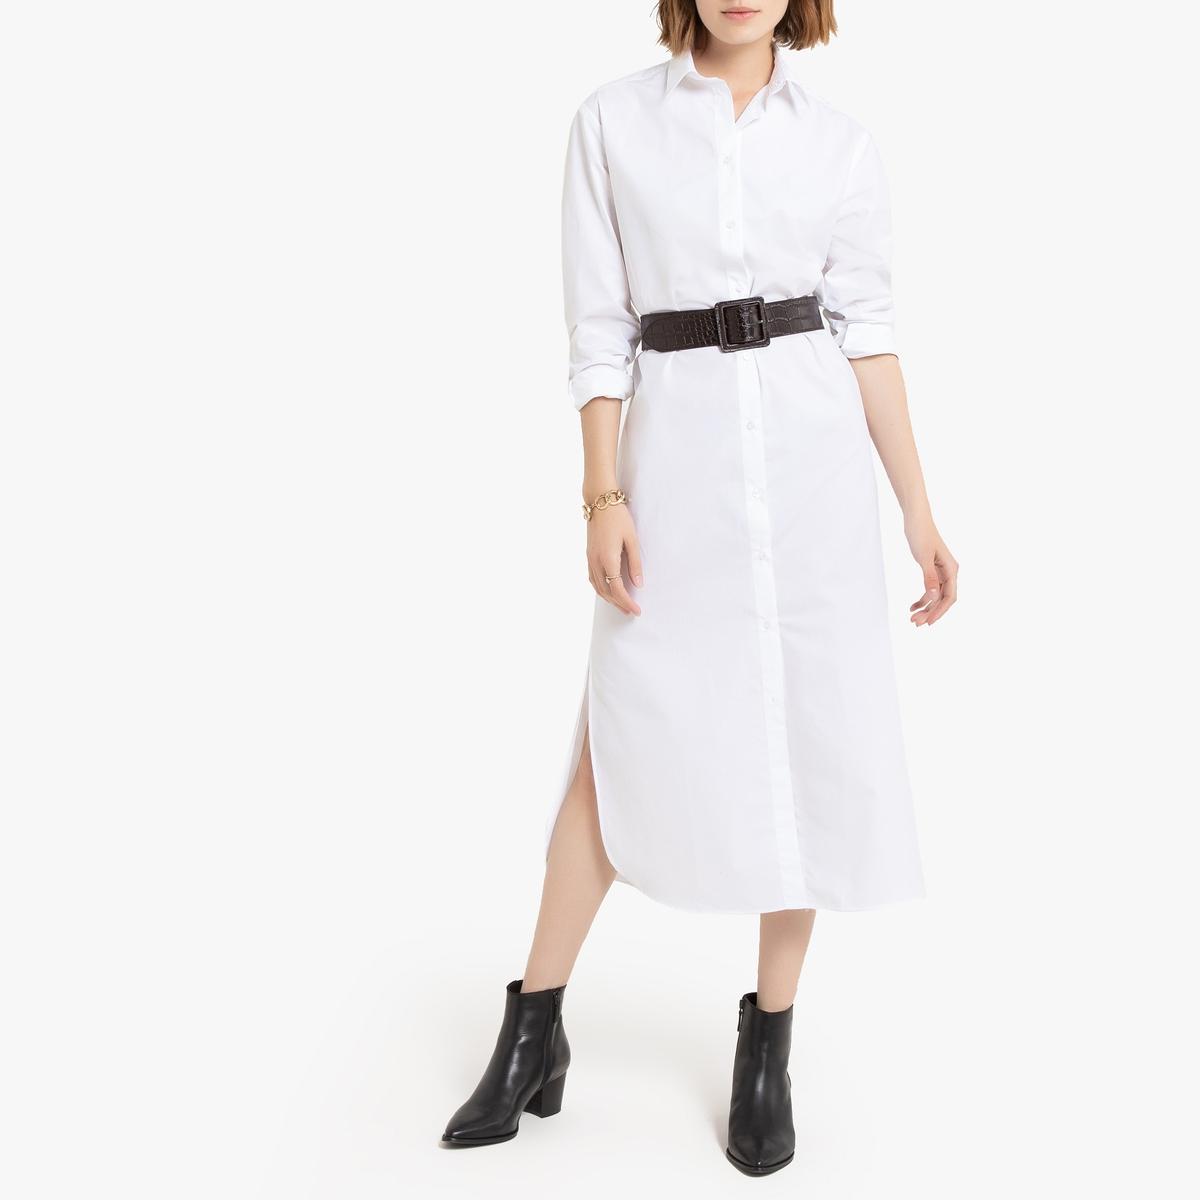 Vestido-camisa de mangas compridas